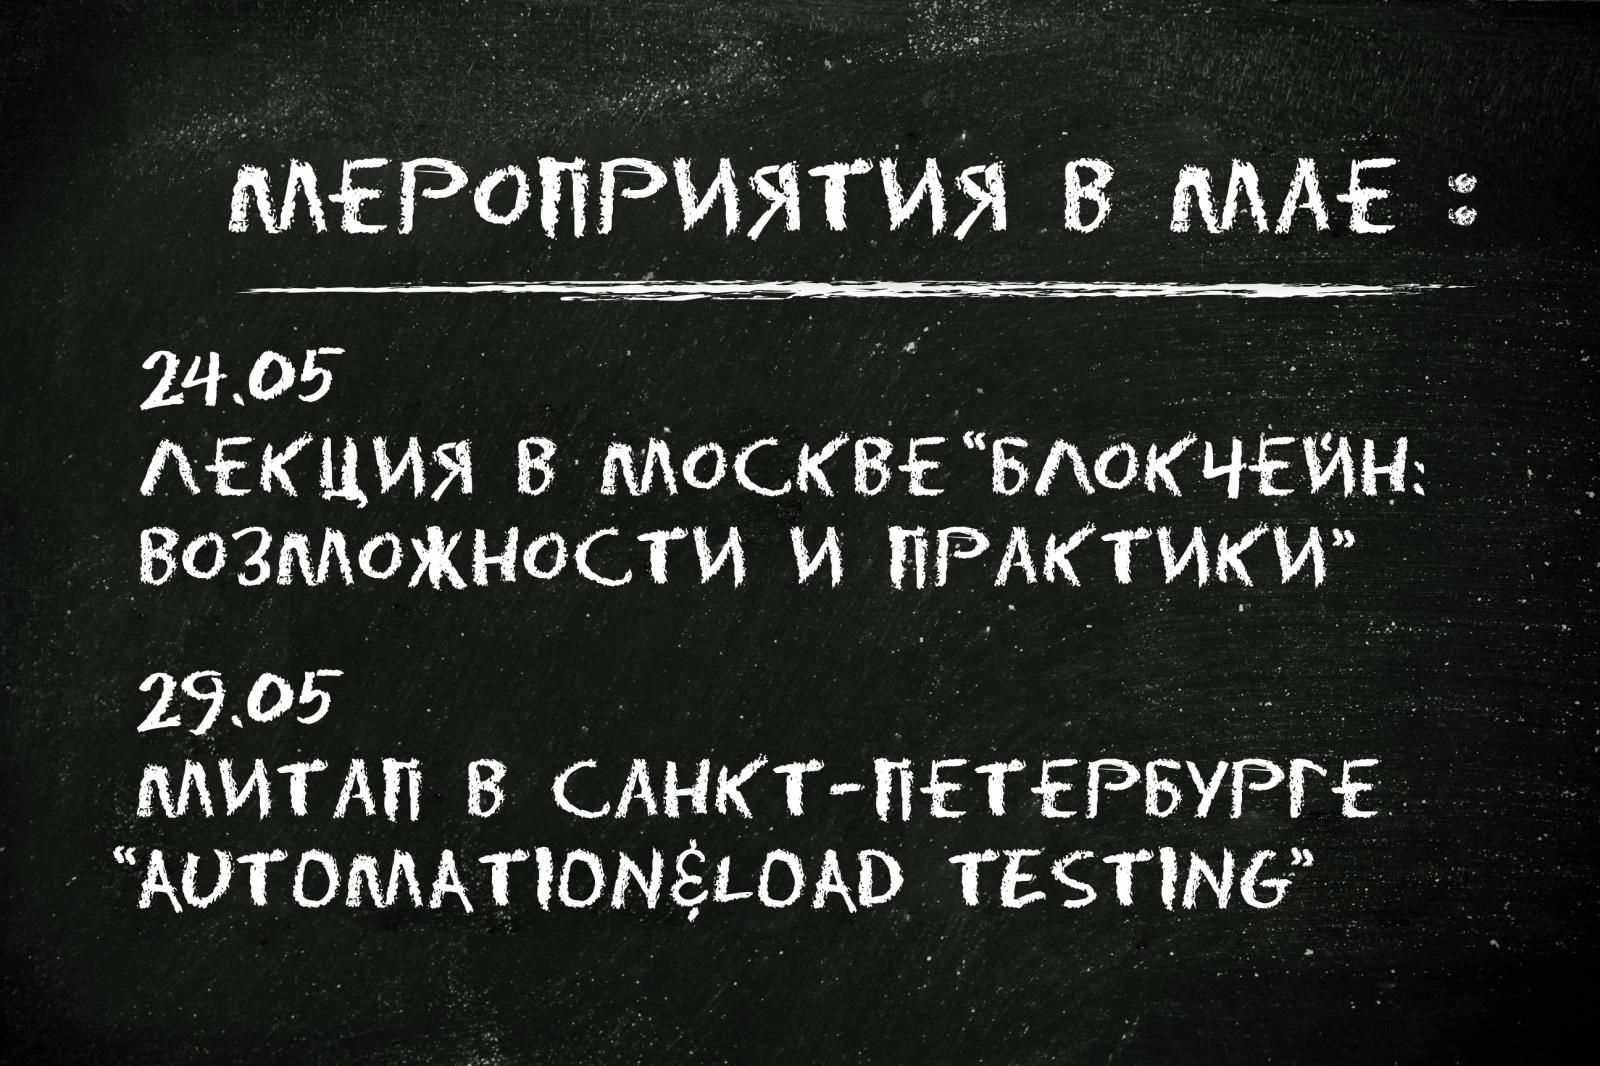 Митапы в мае: блокчейн в Москве и тестирование в Санкт-Петербурге - 1